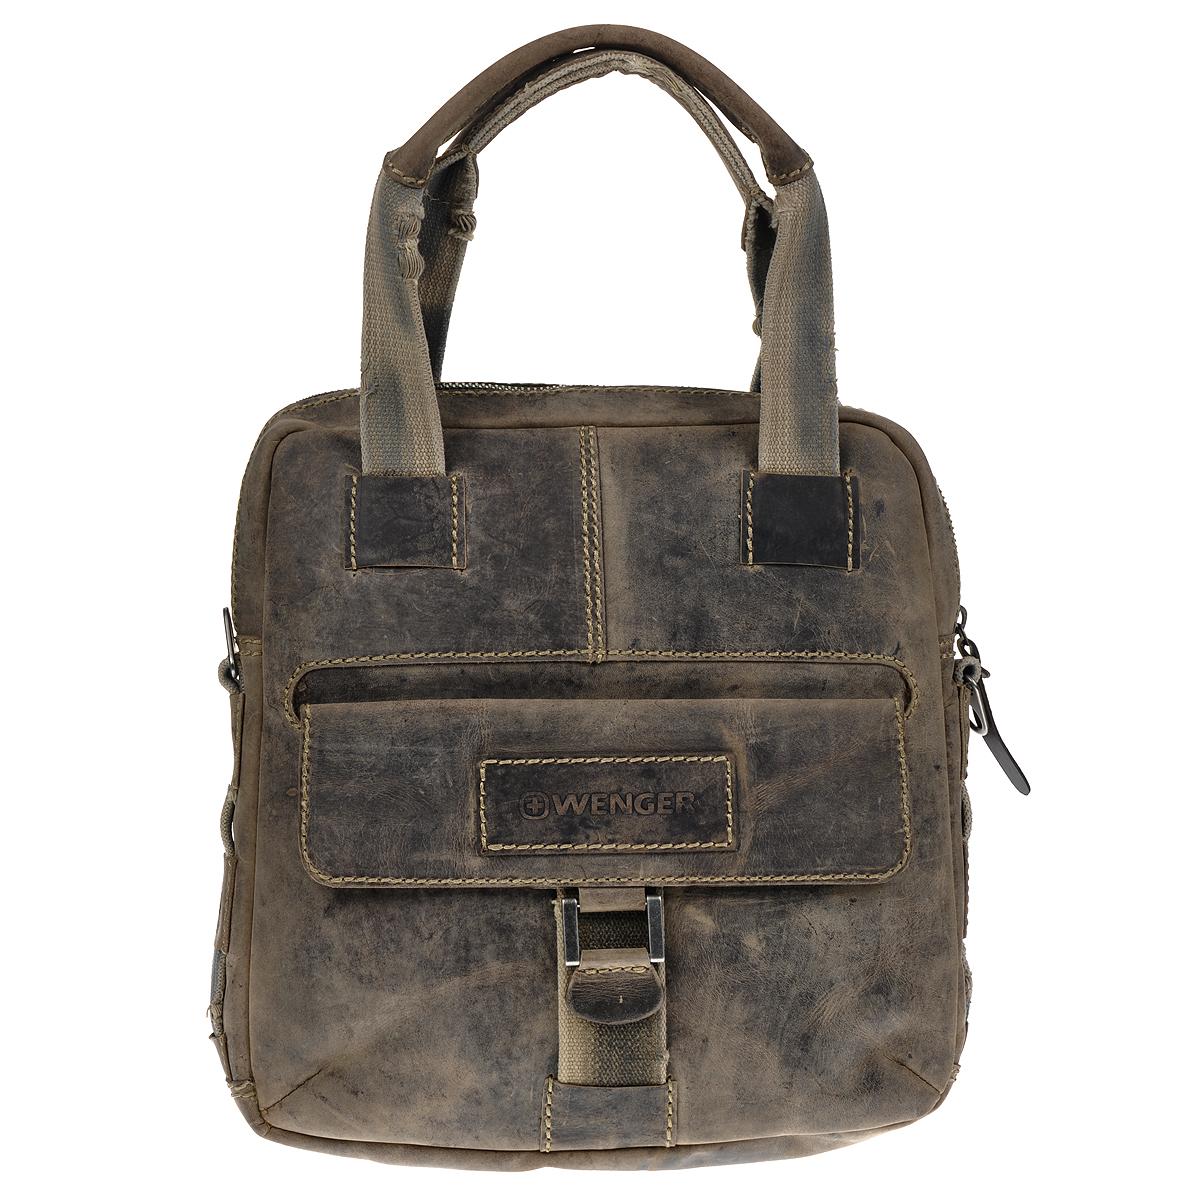 """Сумка мужская Wenger Stonehide, цвет: светло-коричневый. W16-05A-B86-05-CСтильная, вместительная сумка Wenger """"Stonehide"""" выполнена из крепкой эластичной бычьей кожи, обработанной по традиционной технологии - грубые швы, состаренные ремни.Вертикальная сумка имеет одно отделение на металлической молнии с двумя бегунками. Внутри - вшитый карман на молнии, шесть отделений для карточек и визиток, два кармана для пишущих инструментов, карман для мобильного телефона и отделение для планшетного компьютера. На лицевой стороне расположен карман, закрывающийся клапаном на магнитную кнопку. На задней стенке - вшитый карман на молнии.Сумка оснащена двумя ручками, а также текстильным плечевым ремнем регулируемой длины. Стильная, практичная сумка в стиле кэжуал для современного мужчины. Кожаные сумки Wenger - модные, функциональные, высококачественные сумки с уникальным дизайном.По всем вопросам гарантийного и постгарантийного обслуживания рюкзаков, чемоданов, спортивных и кожаных сумок, а также портмоне марок Wenger и SwissGear вы можете обратиться в сервис-центр, расположенный по адресу: г. Москва, Саввинская набережная, д.3. Тел: (495) 788-39-96, (499) 248-56-56, ежедневно с 9:00 до 21:00. Подробные условия гарантийного обслуживания приведены в гарантийном талоне, поставляемым в комплекте с каждым изделием. Бесплатный ремонт изделий производится при условии предоставления гарантийного талона и товарного/кассового чека, подтверждающего дату покупки. Характеристики: Материал: натуральная коровья кожа, текстиль, металл. Цвет: светло-коричневый. Размер сумки: 33 см х 34 см х 12 см.Высота ручек: 22 см."""